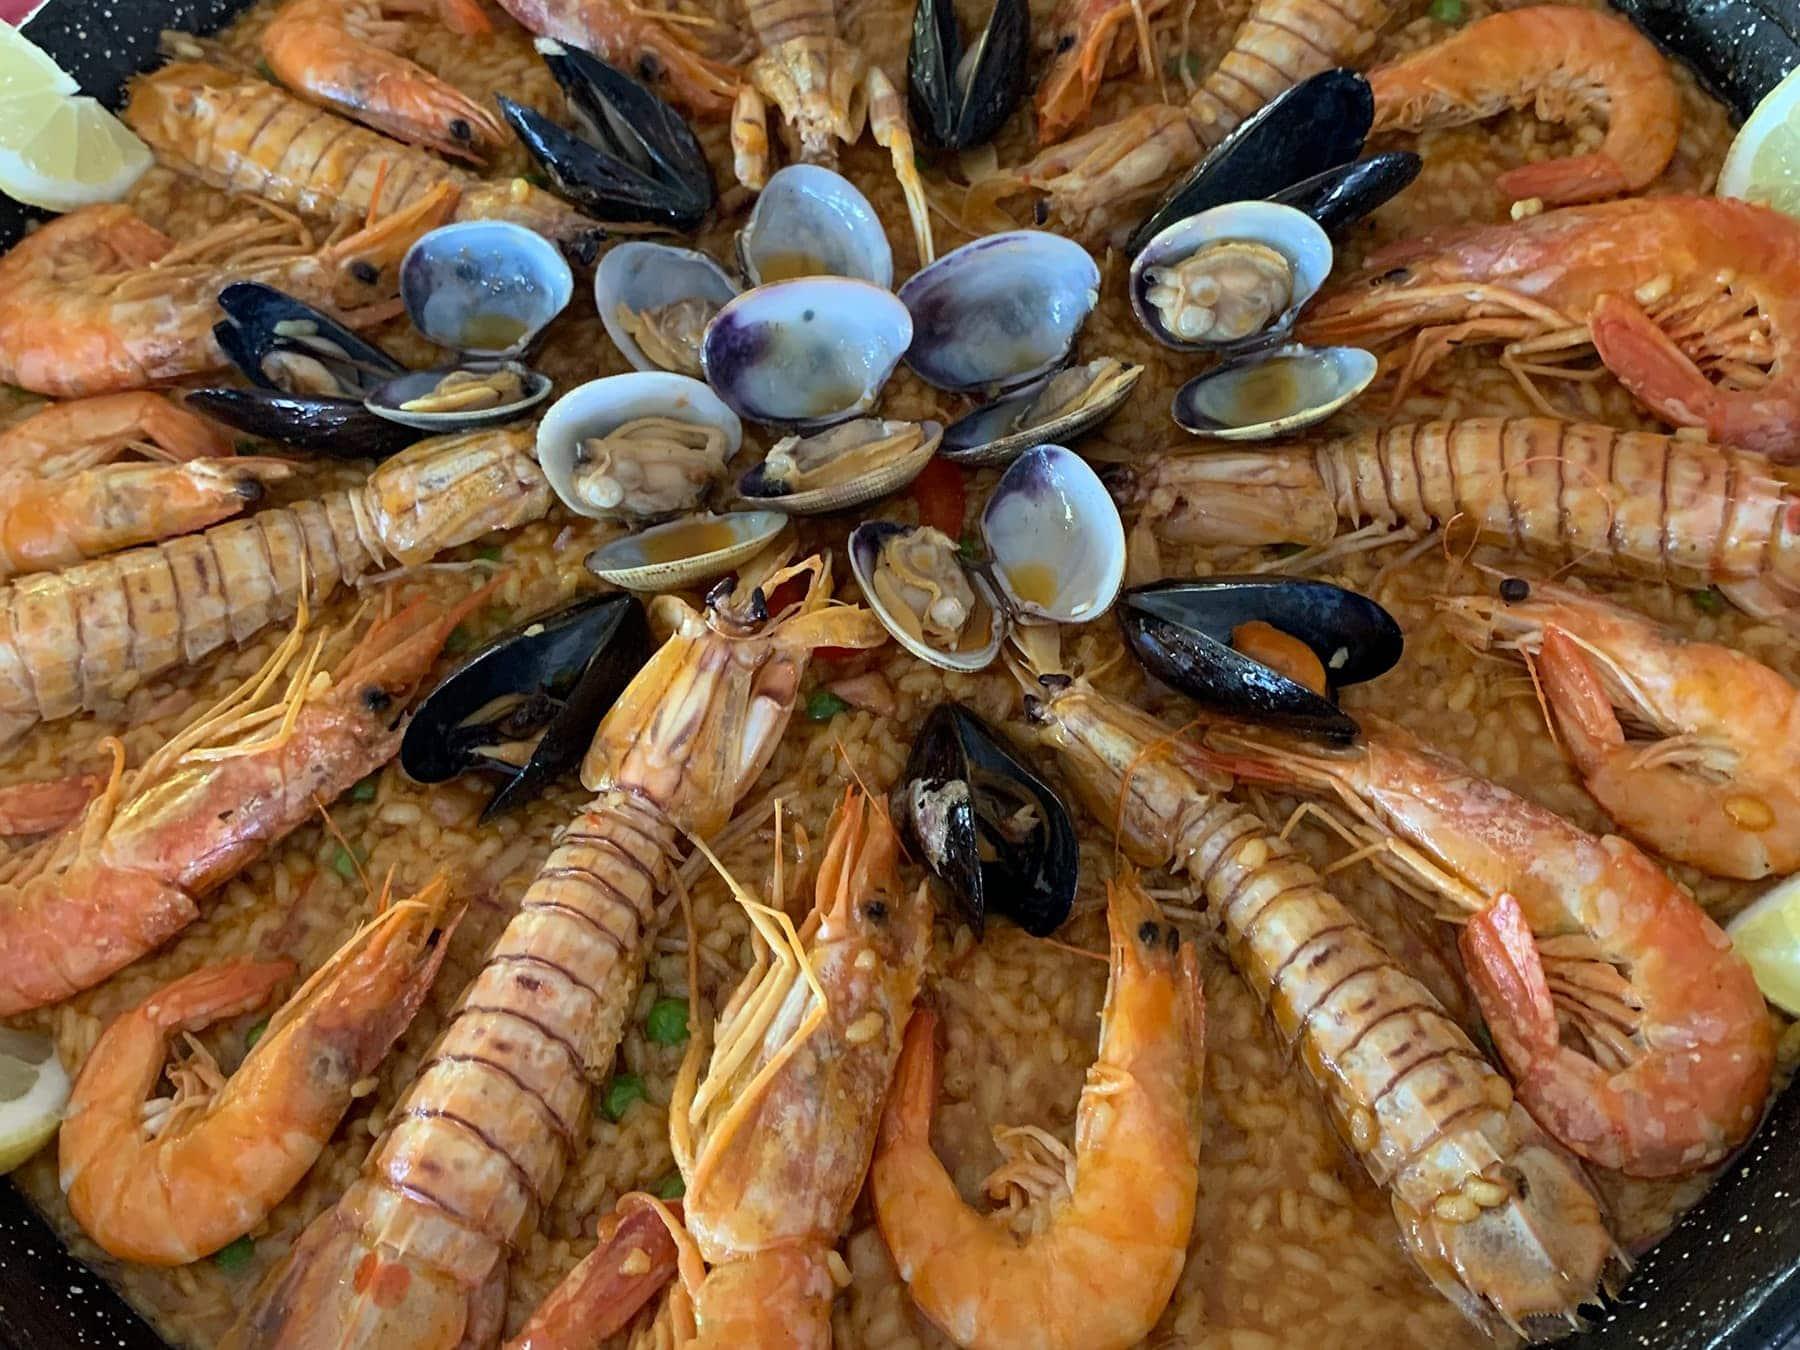 Cocina Restaurante Tramontano - Delta del Ebro